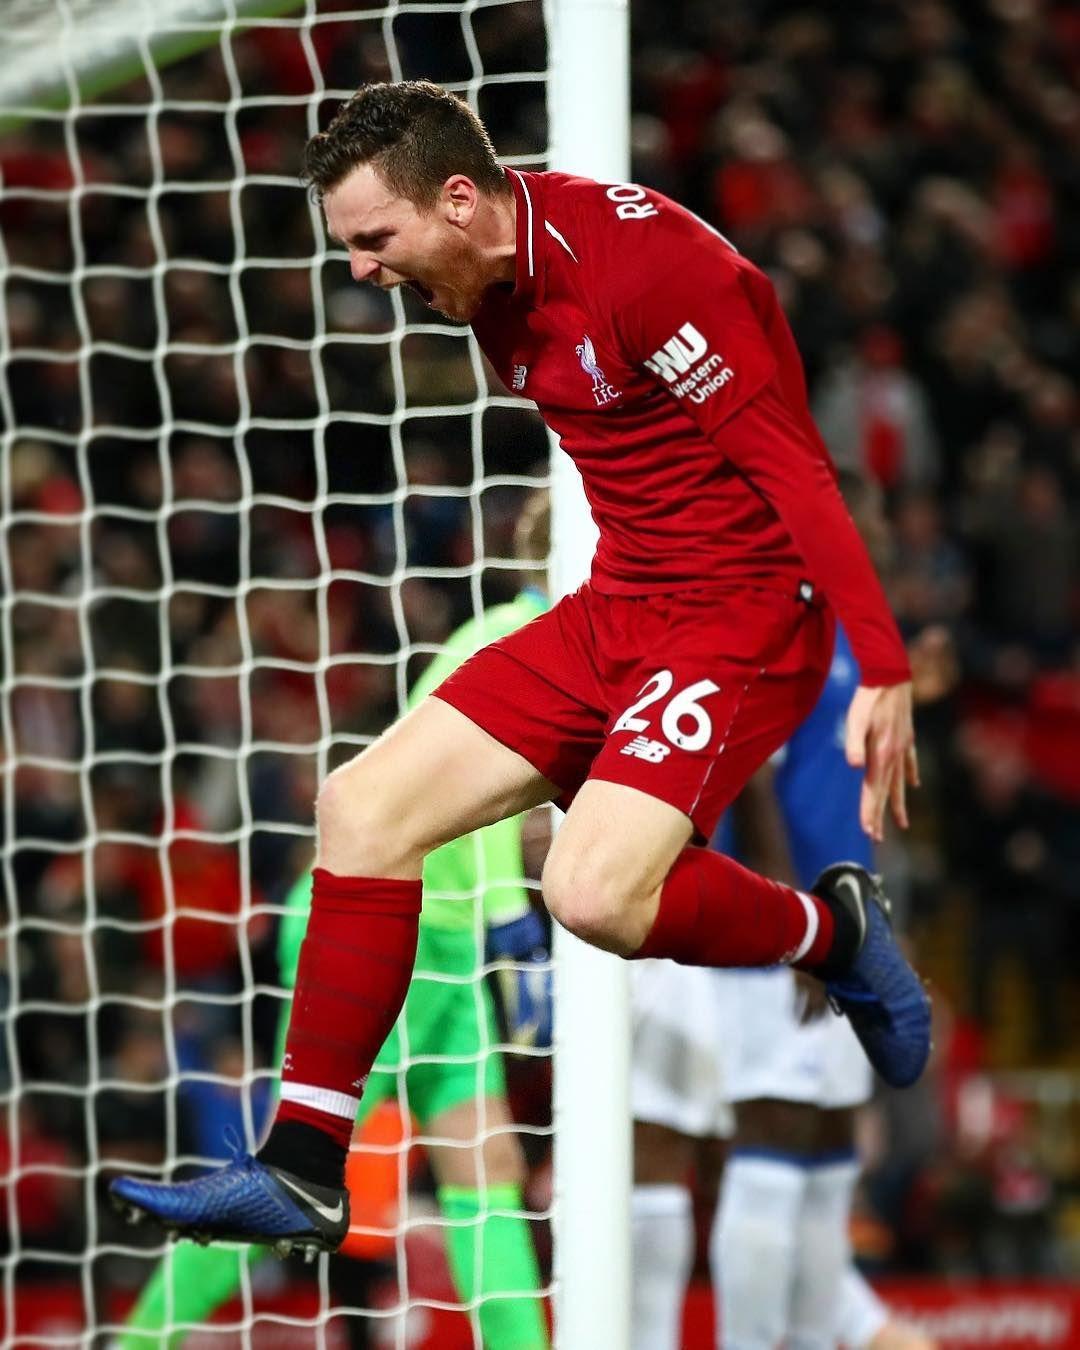 Those MerseysideDerby feels... 🔴 LFC LiverpoolFC